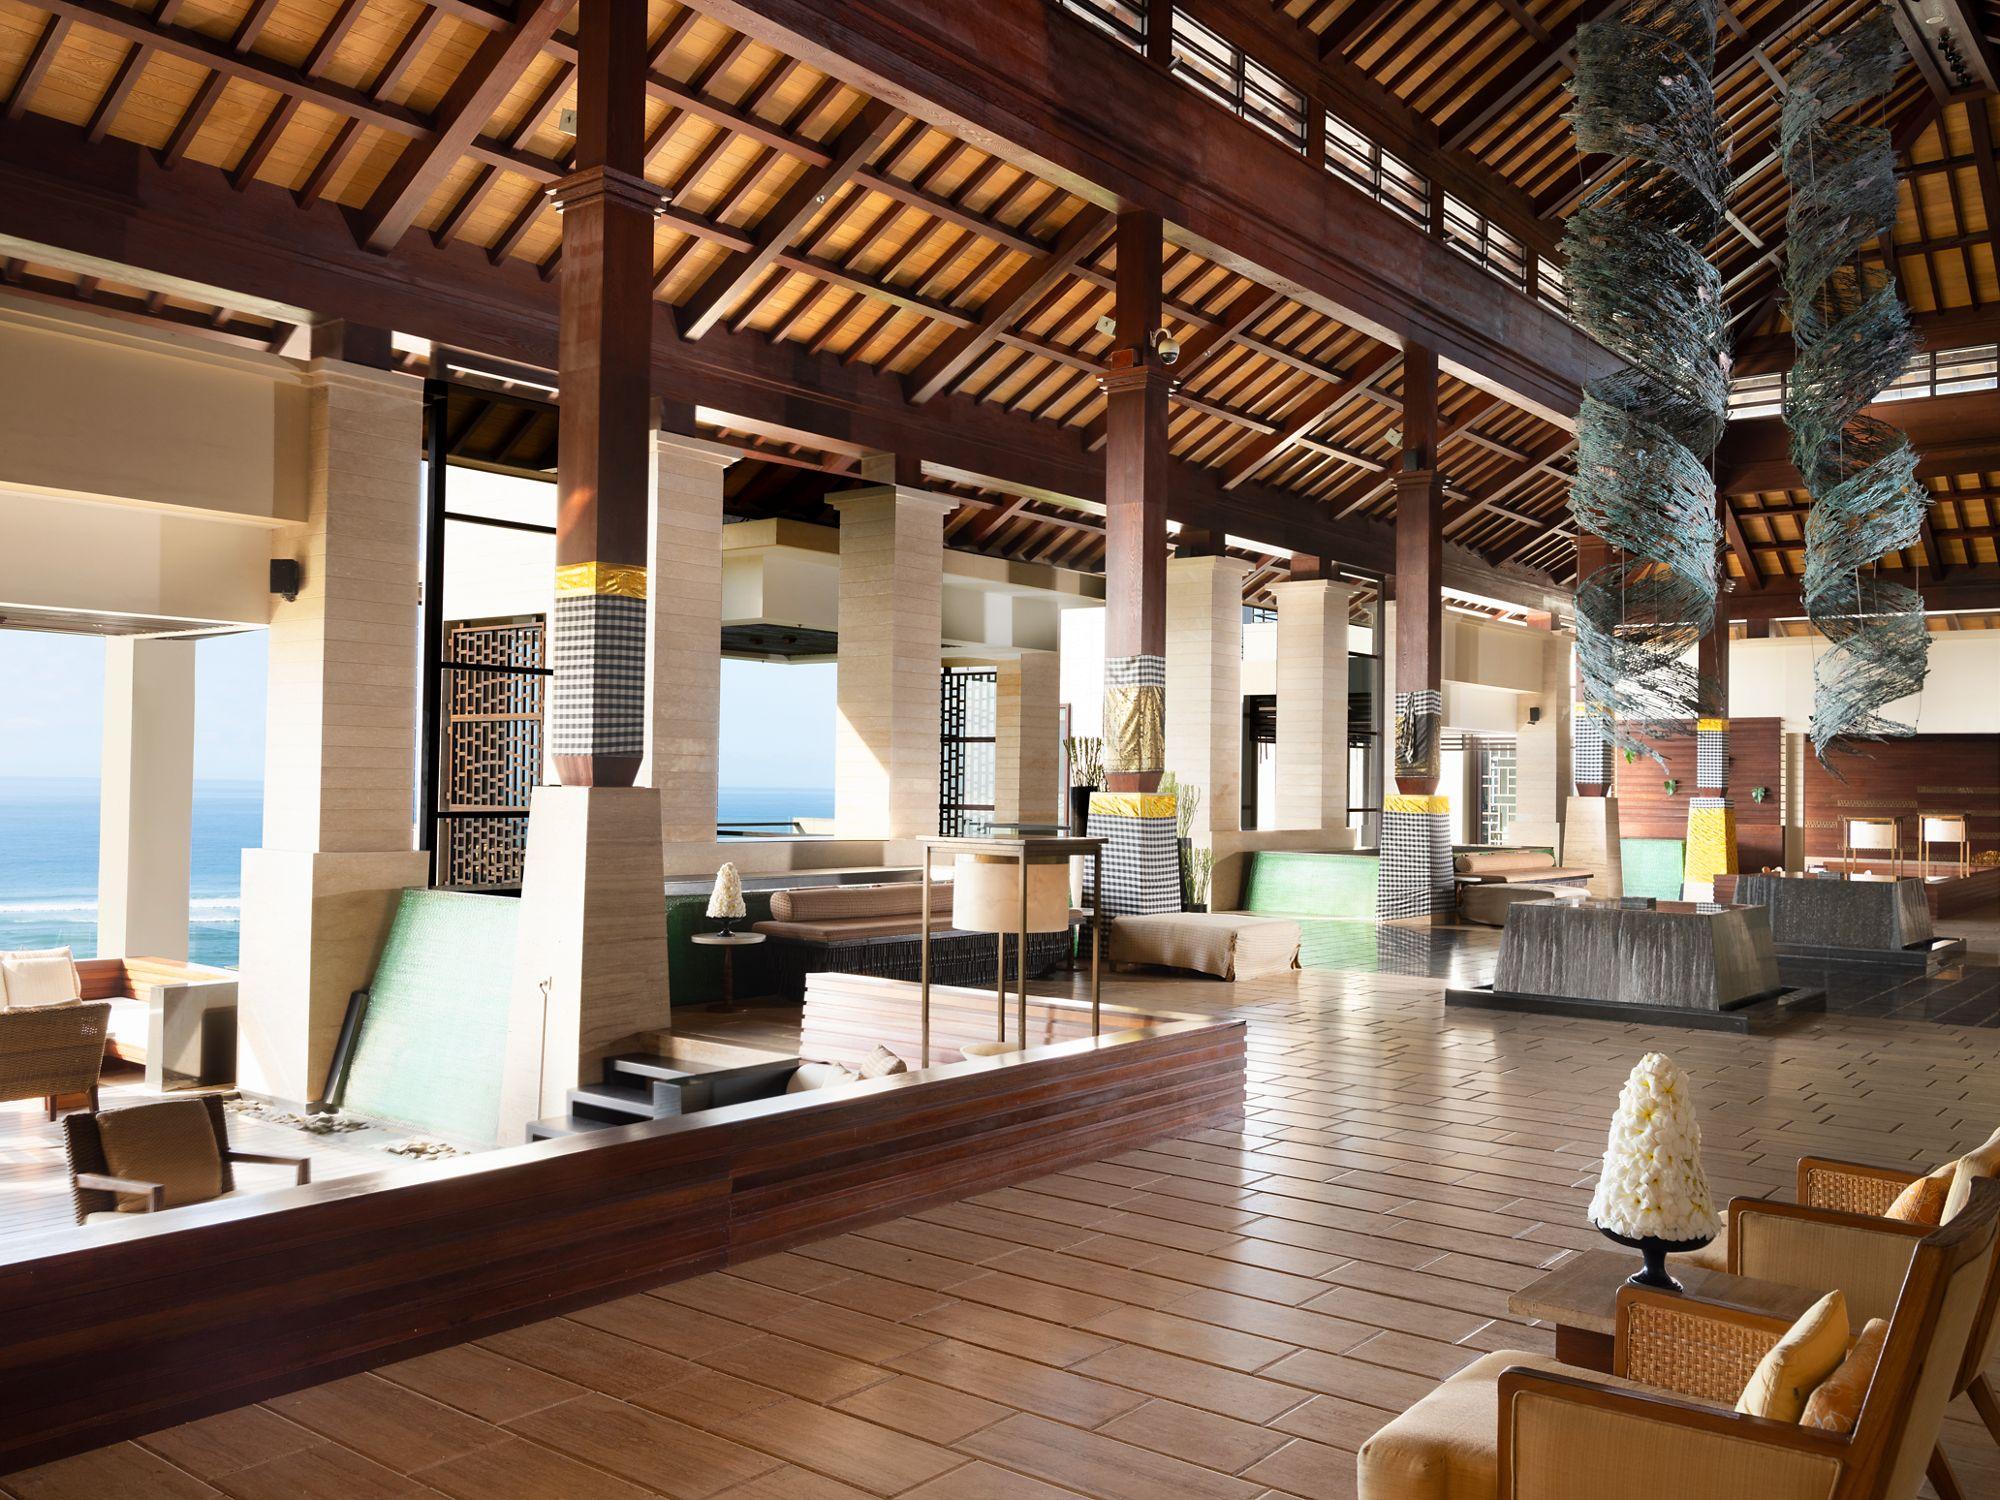 5 Star Hotels In Nusa Dua Bali The Ritz Carlton Bali